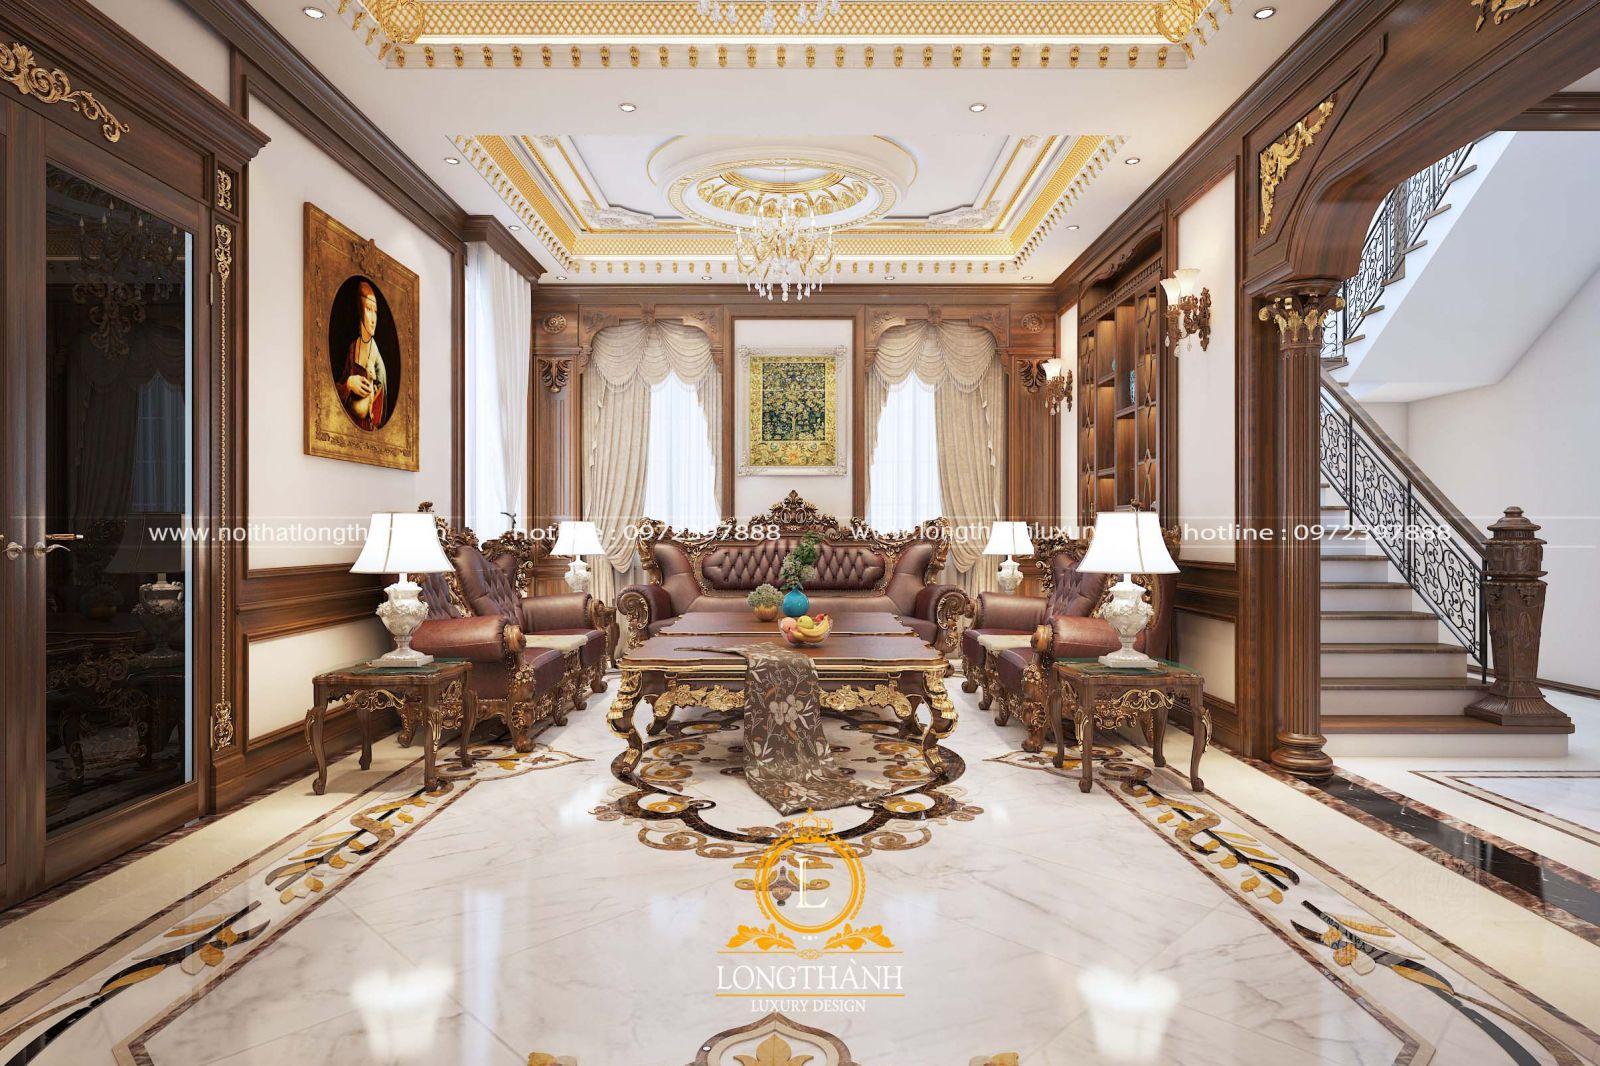 Thiết kế sofa tân cổ điển sang trọng với giá tốt nhất tại xưởng